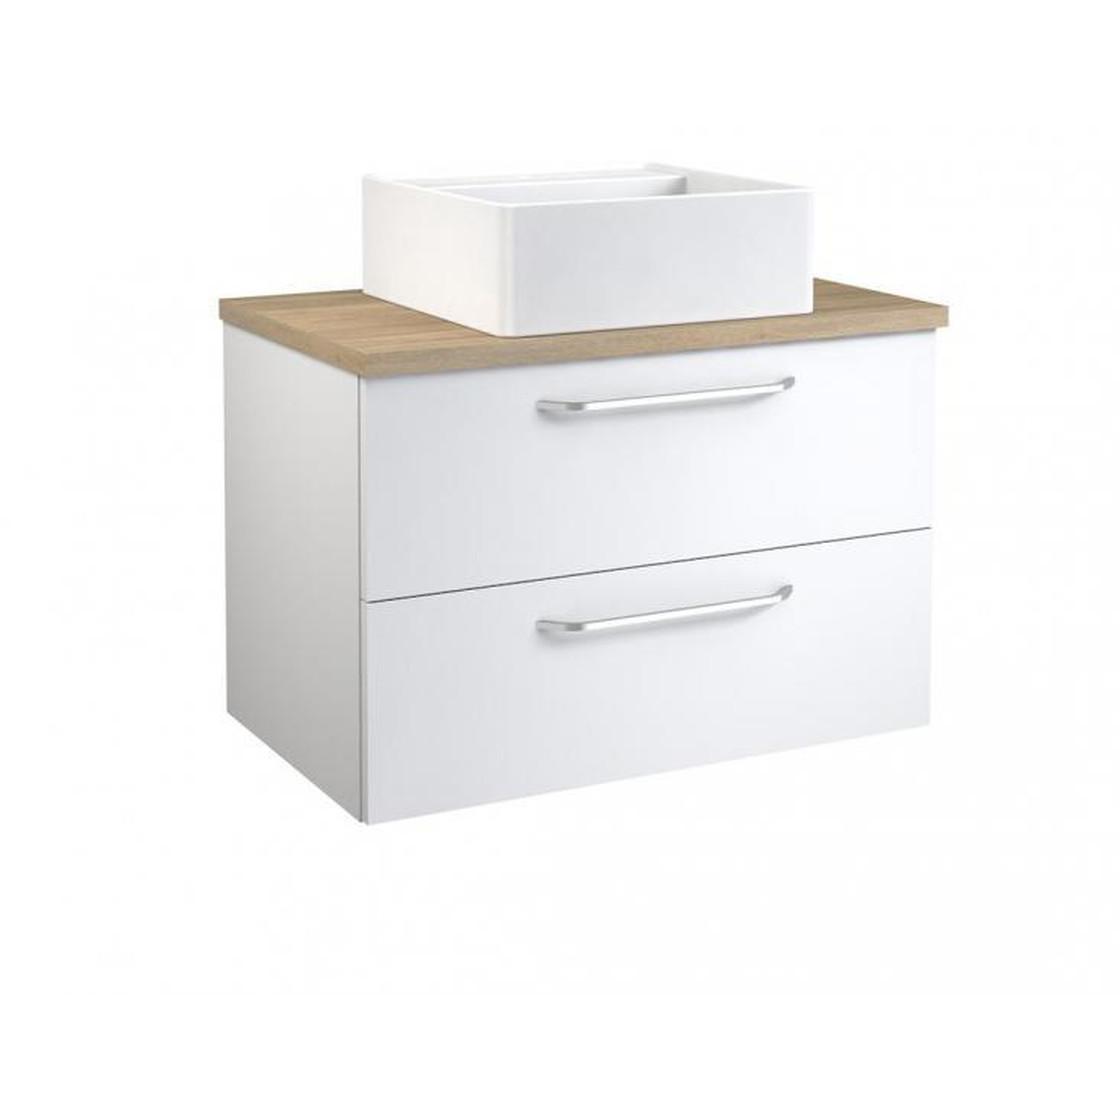 Vidamar Luna Waschtischunterschrank Waschbecken eckig 2 Schubladen, /Eiche  grau, 75 cm